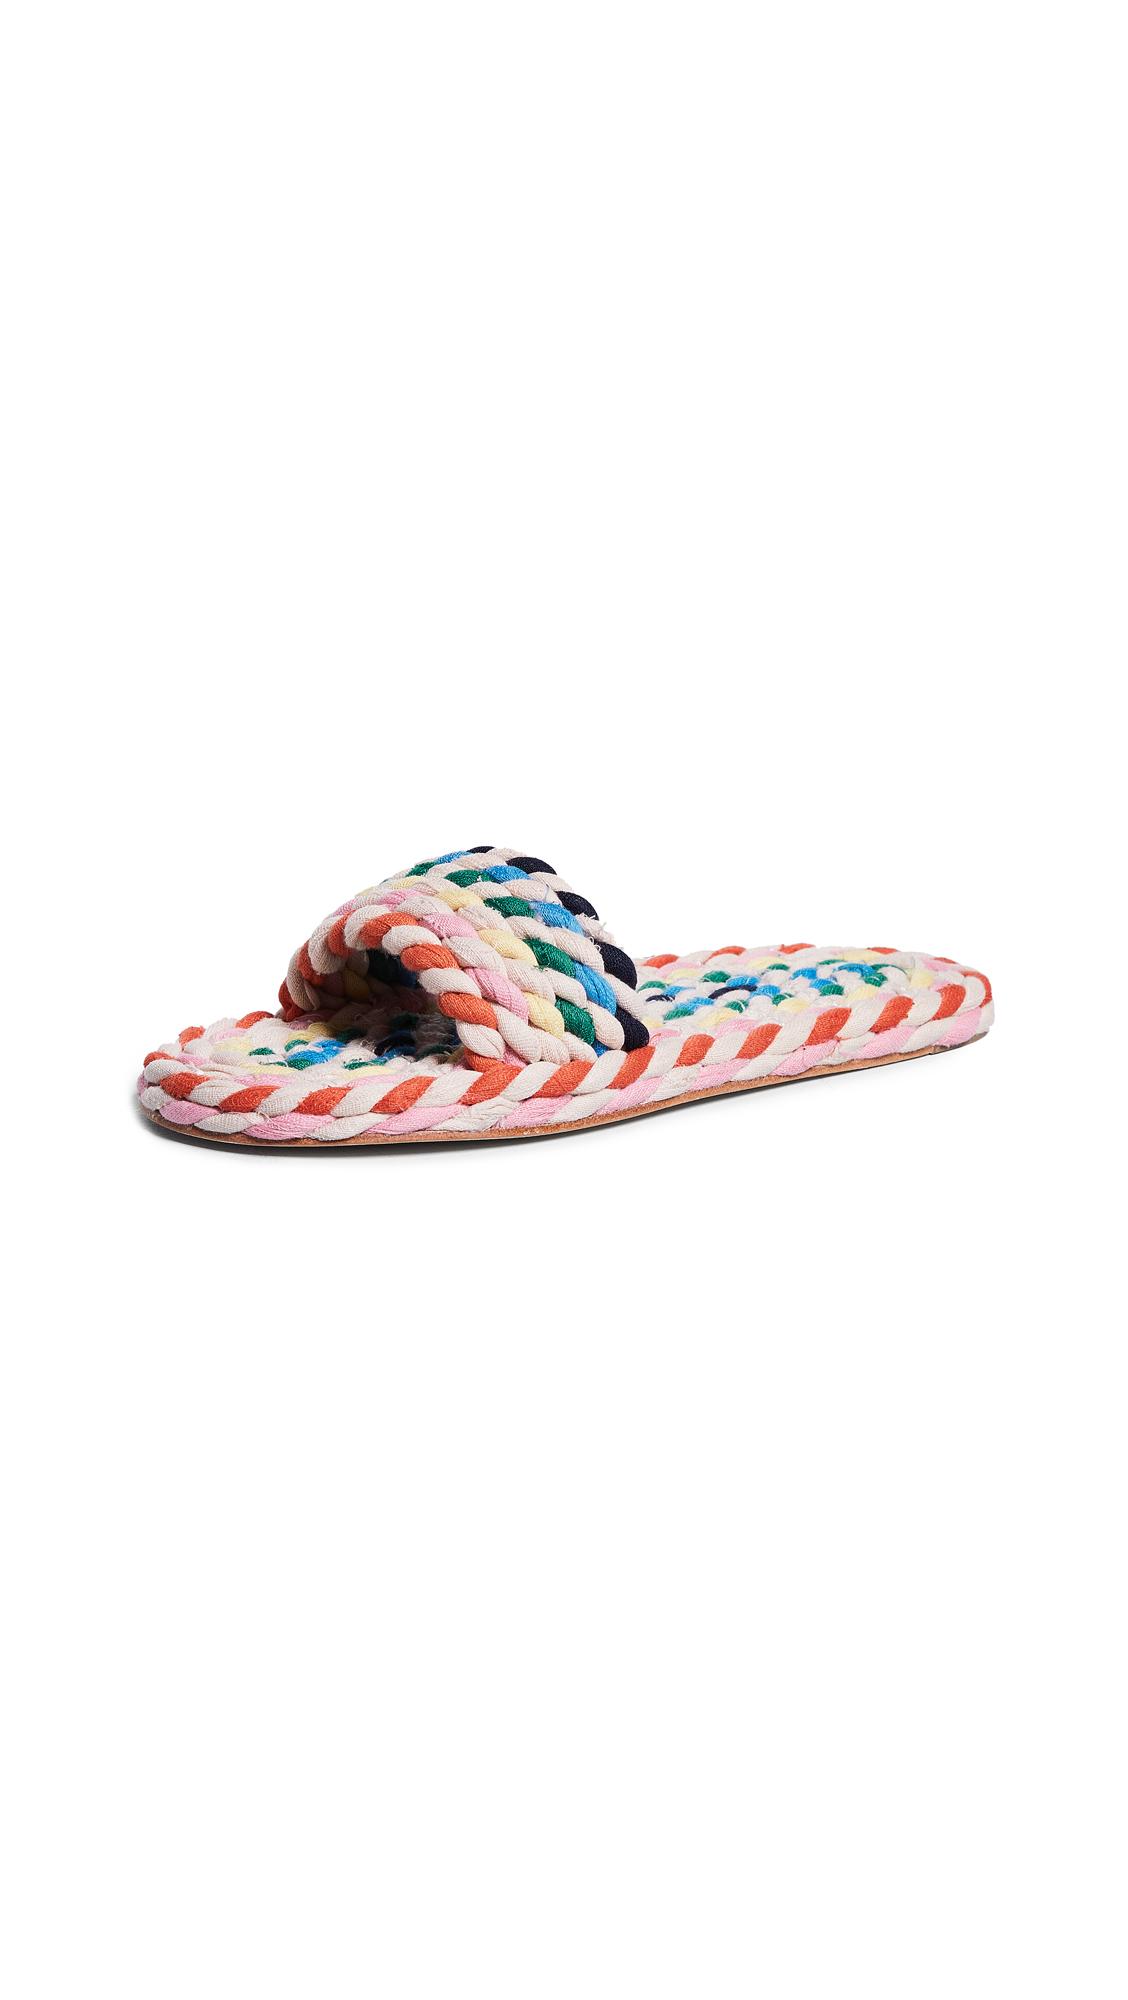 Photo of Loeffler Randall Elle Slides online shoes sales